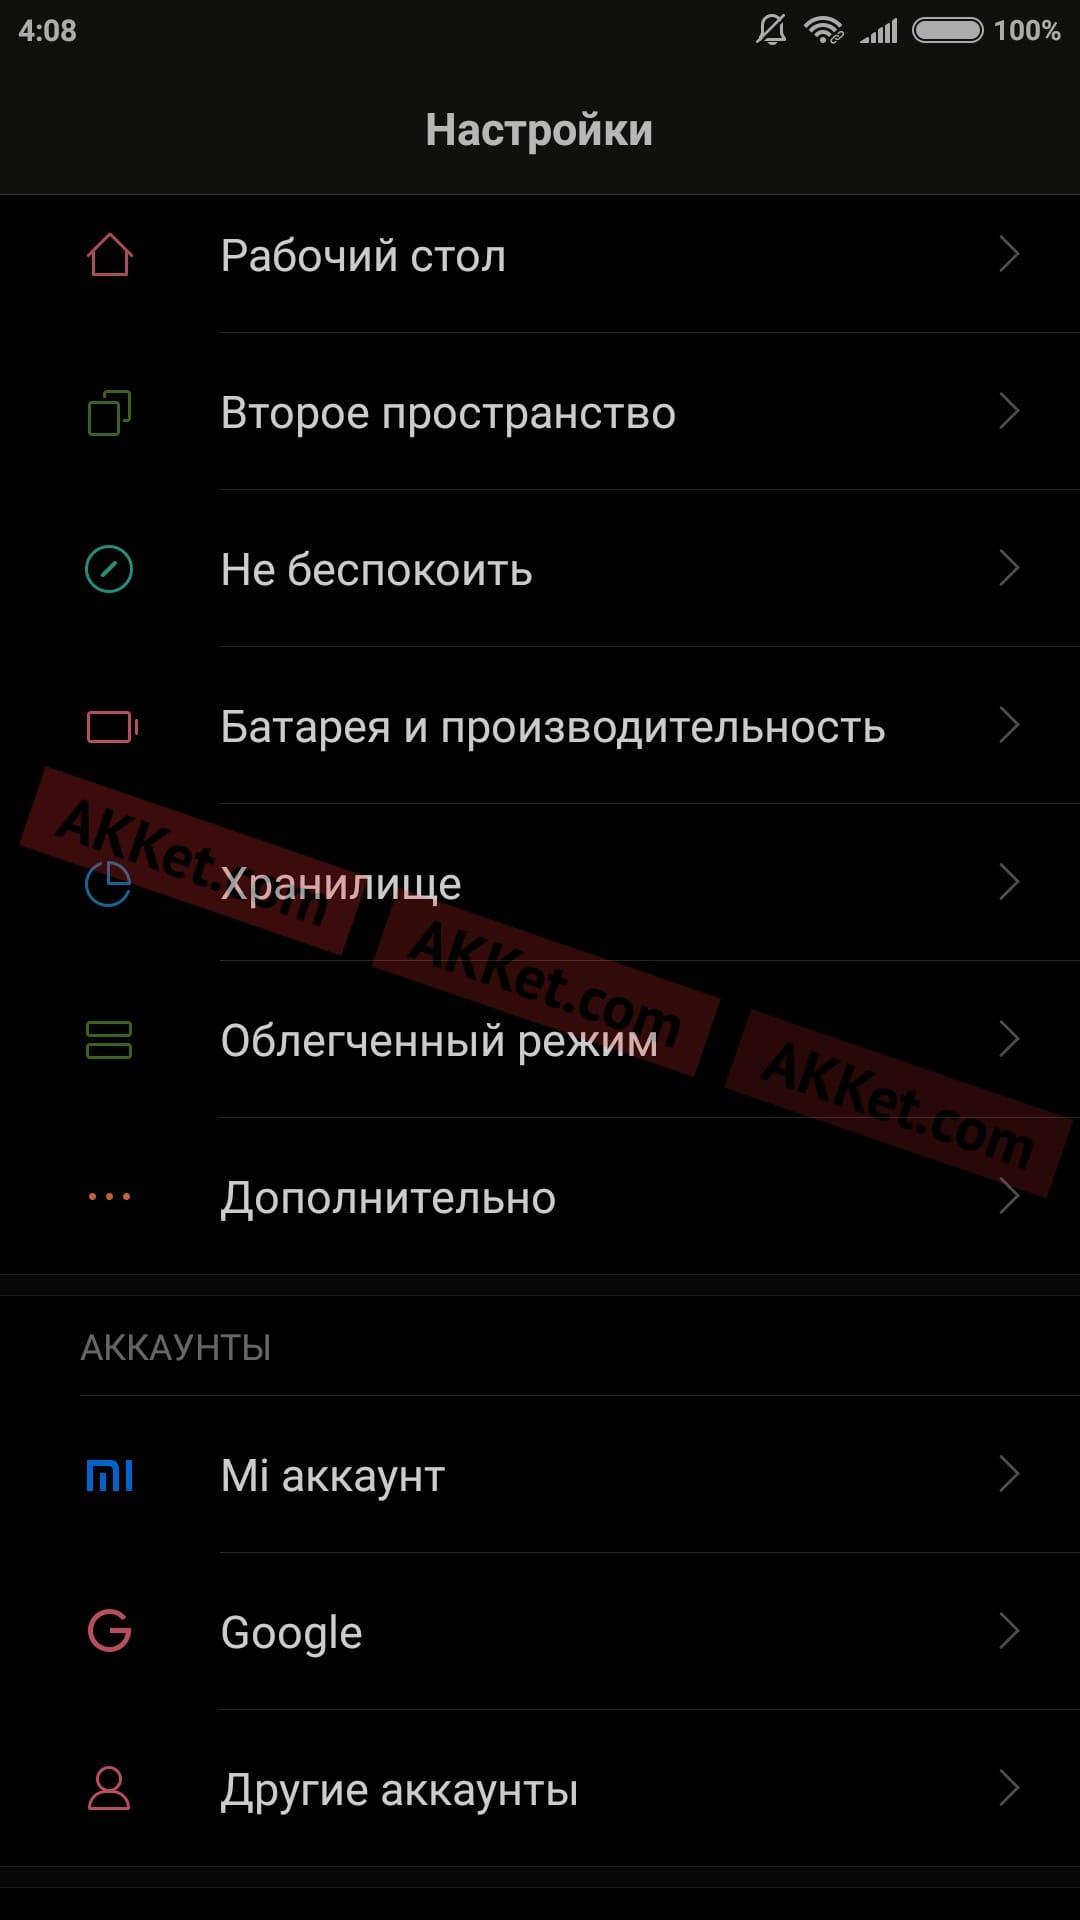 Скачать vk dark editon 2. 0 для android.